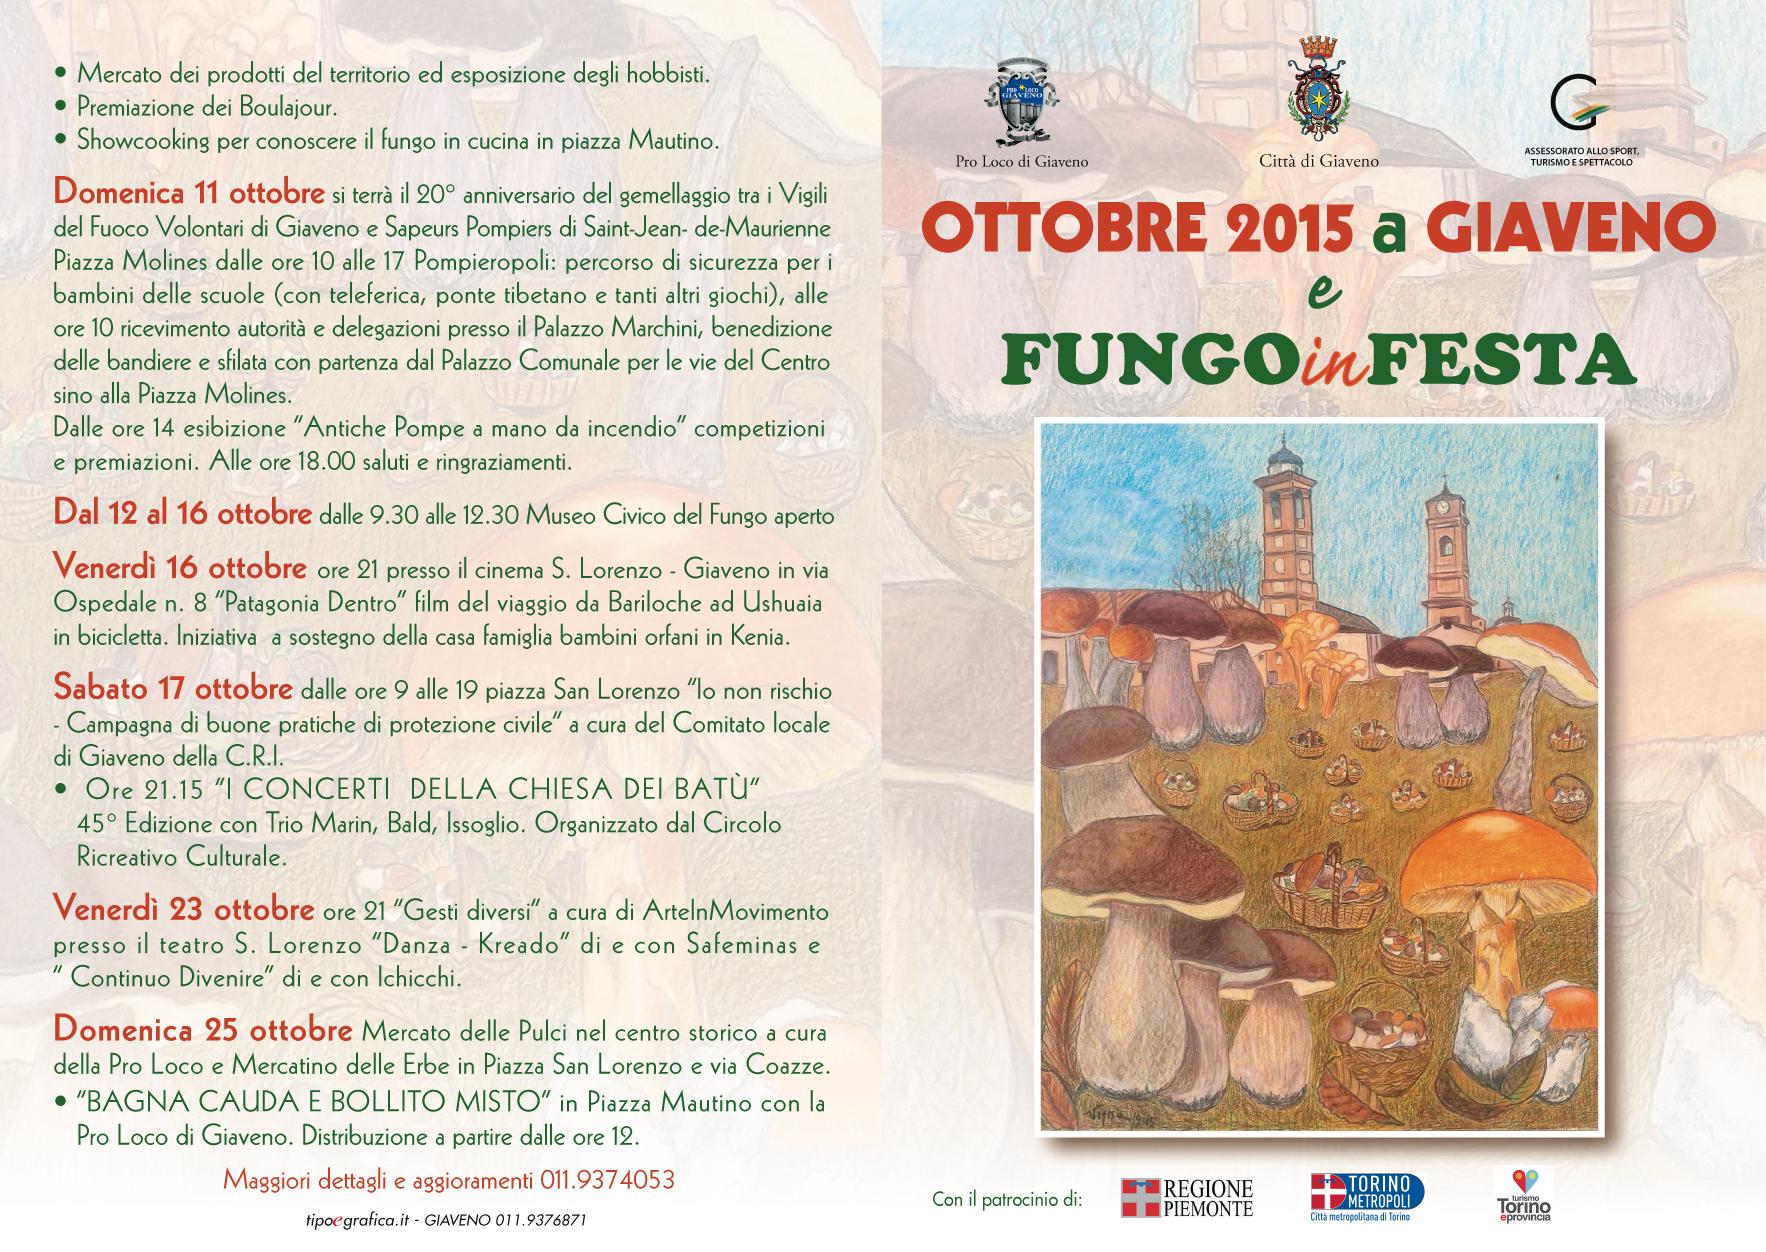 Ottobre 2015 e Fungo in Festa